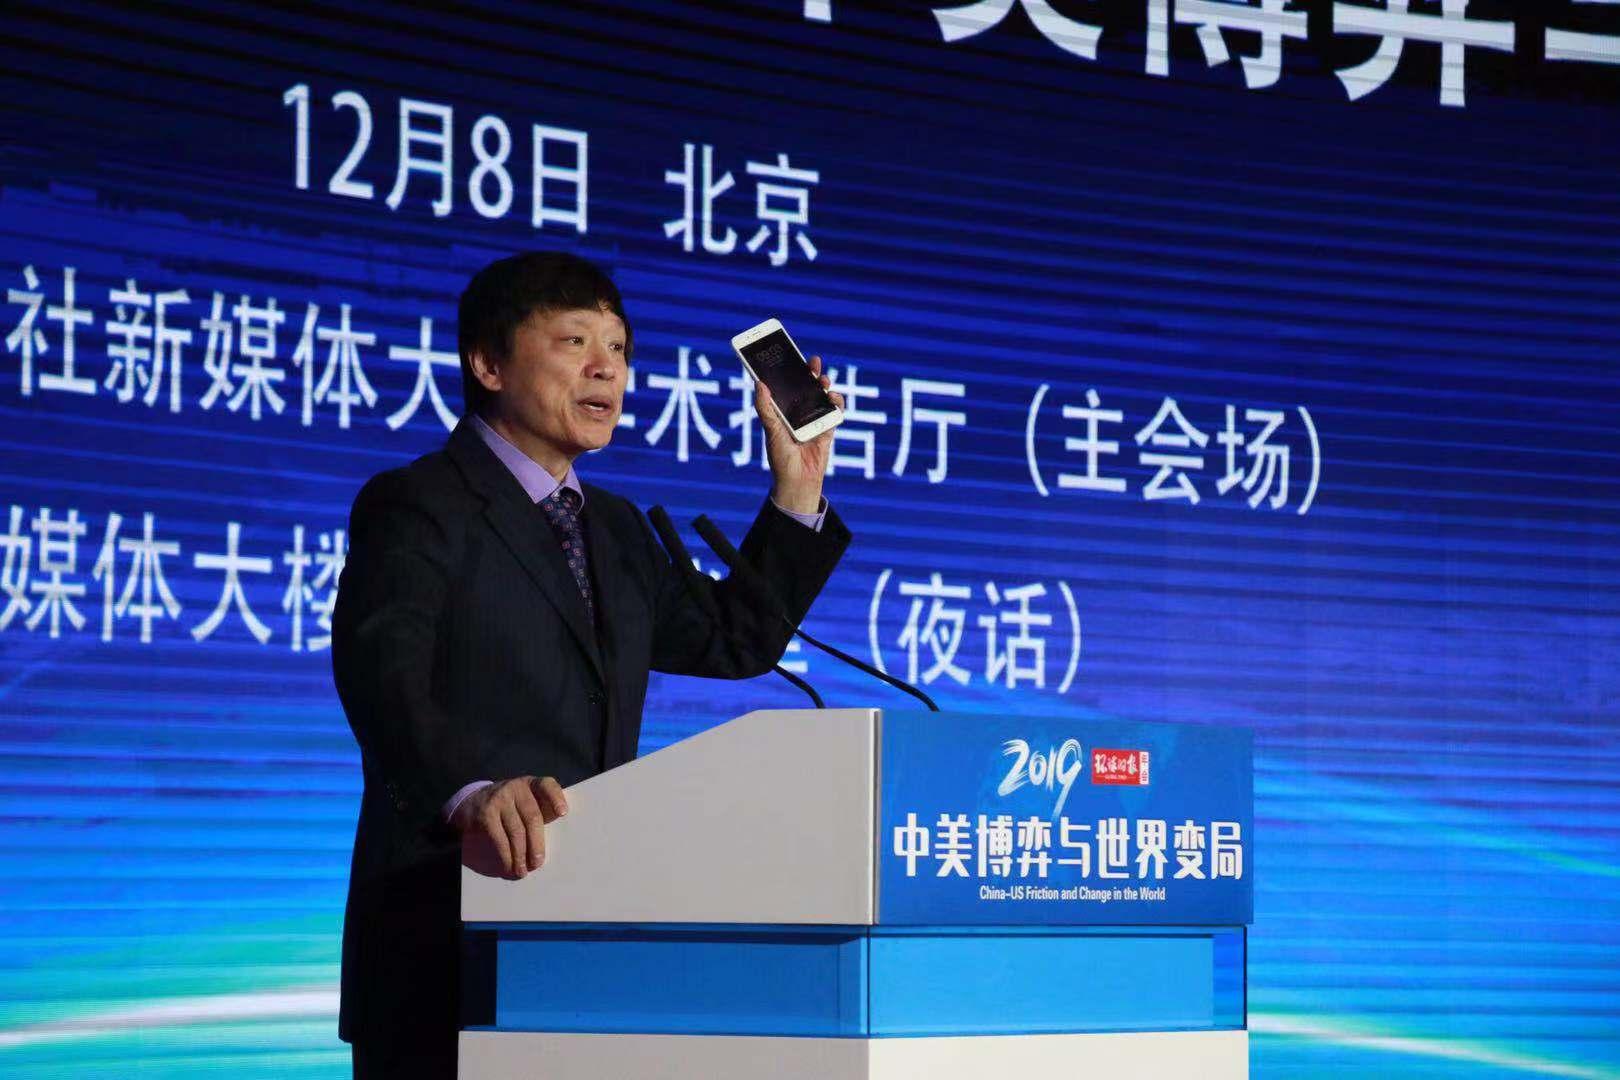 《环球时报》总编辑胡锡进在年会开幕式上致辞